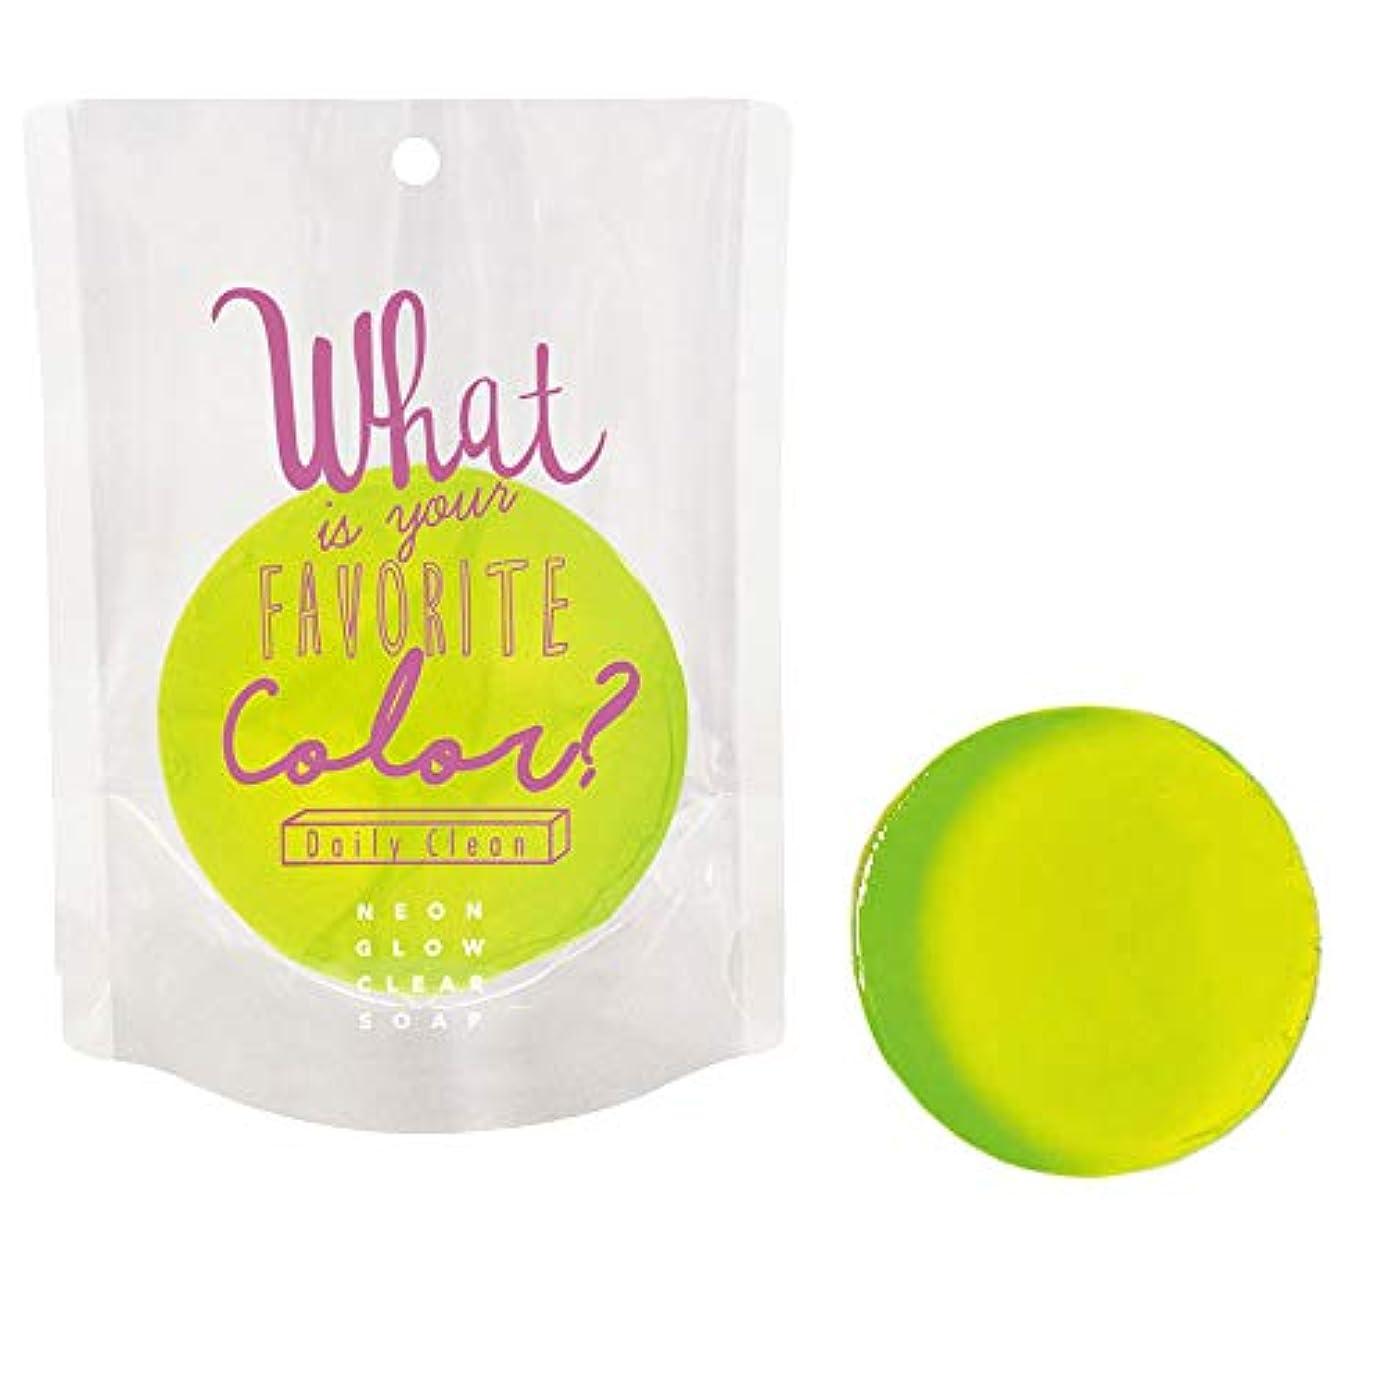 ミネラルアンドリューハリディ戦いネオングロークリアソープ ob-ngw-2-1-4(02/パパイヤ) Neon Glow Clear Soap 石鹸 ノルコーポレーション 固形 せっけん カラフル 香り 清潔 ギフト プレゼント